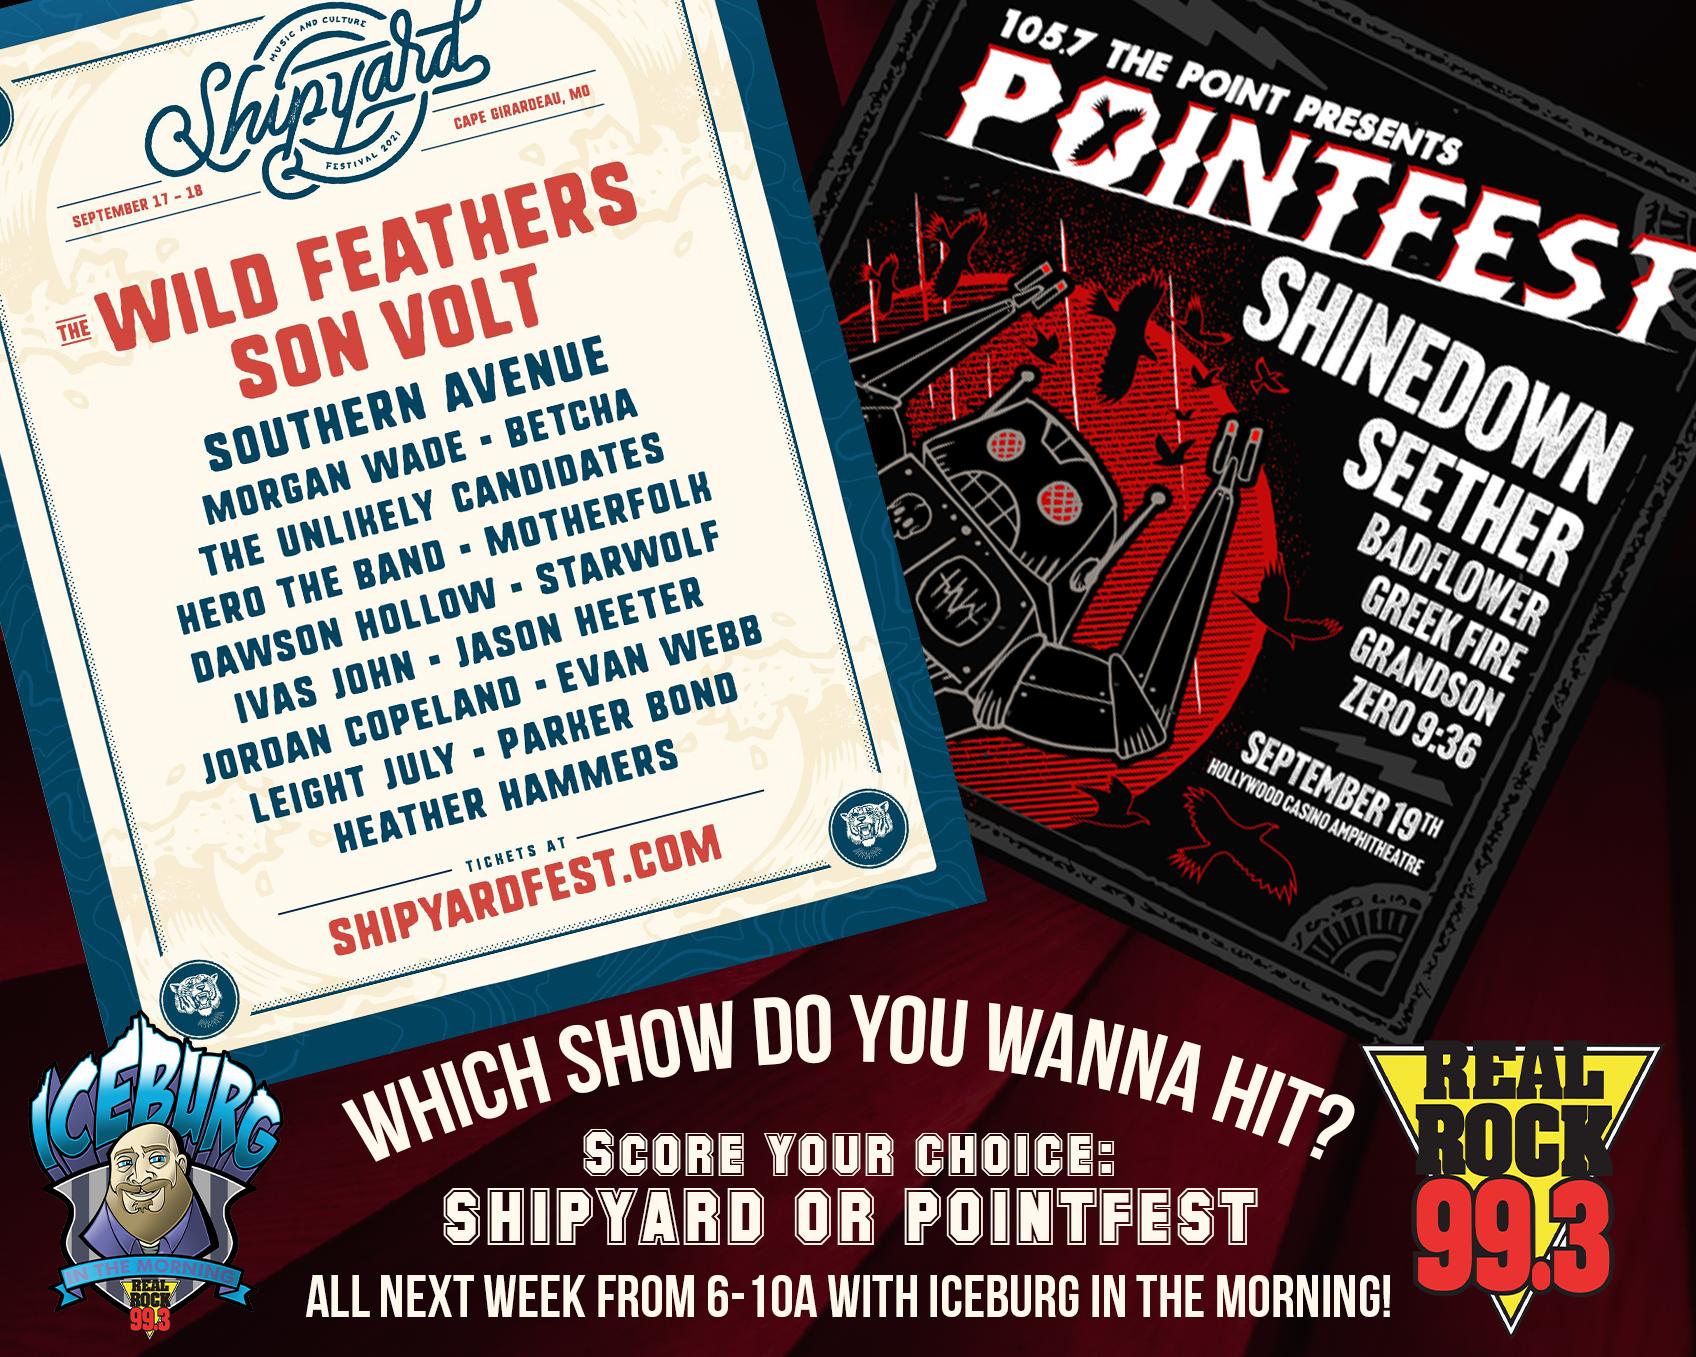 shipyard_pointfest_21-choice_RR